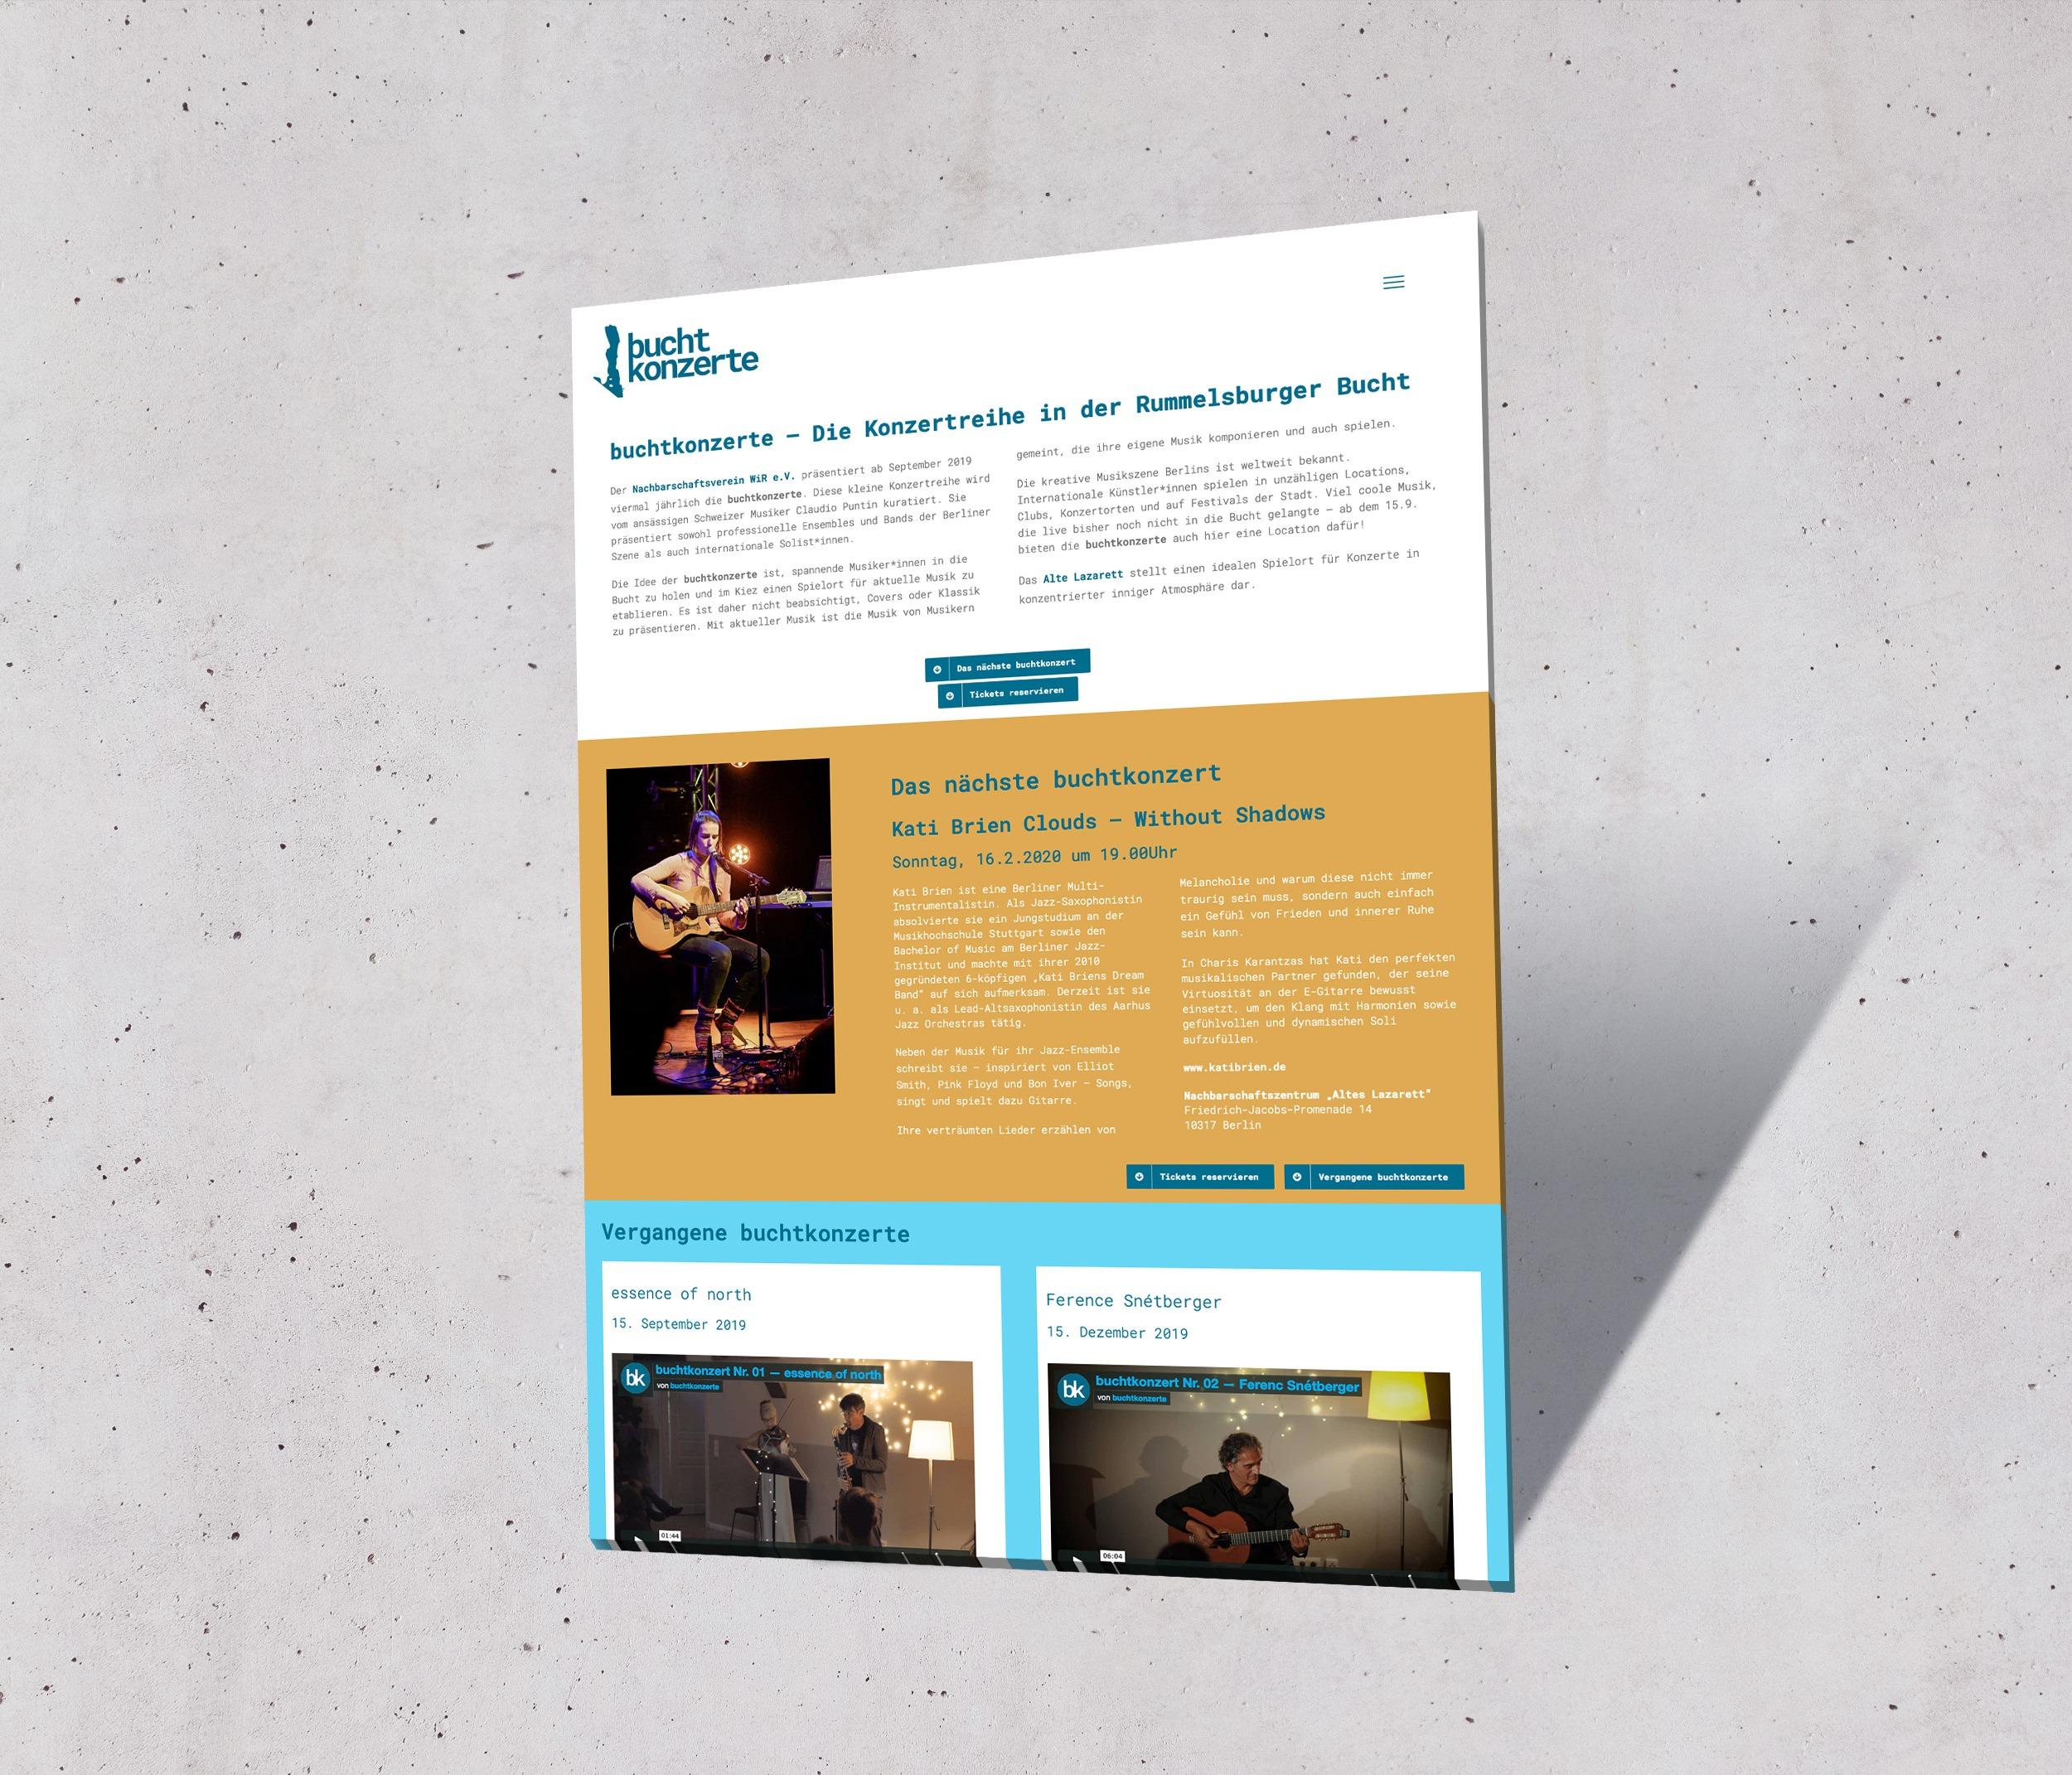 WiR buchtkonzerte | Webseite